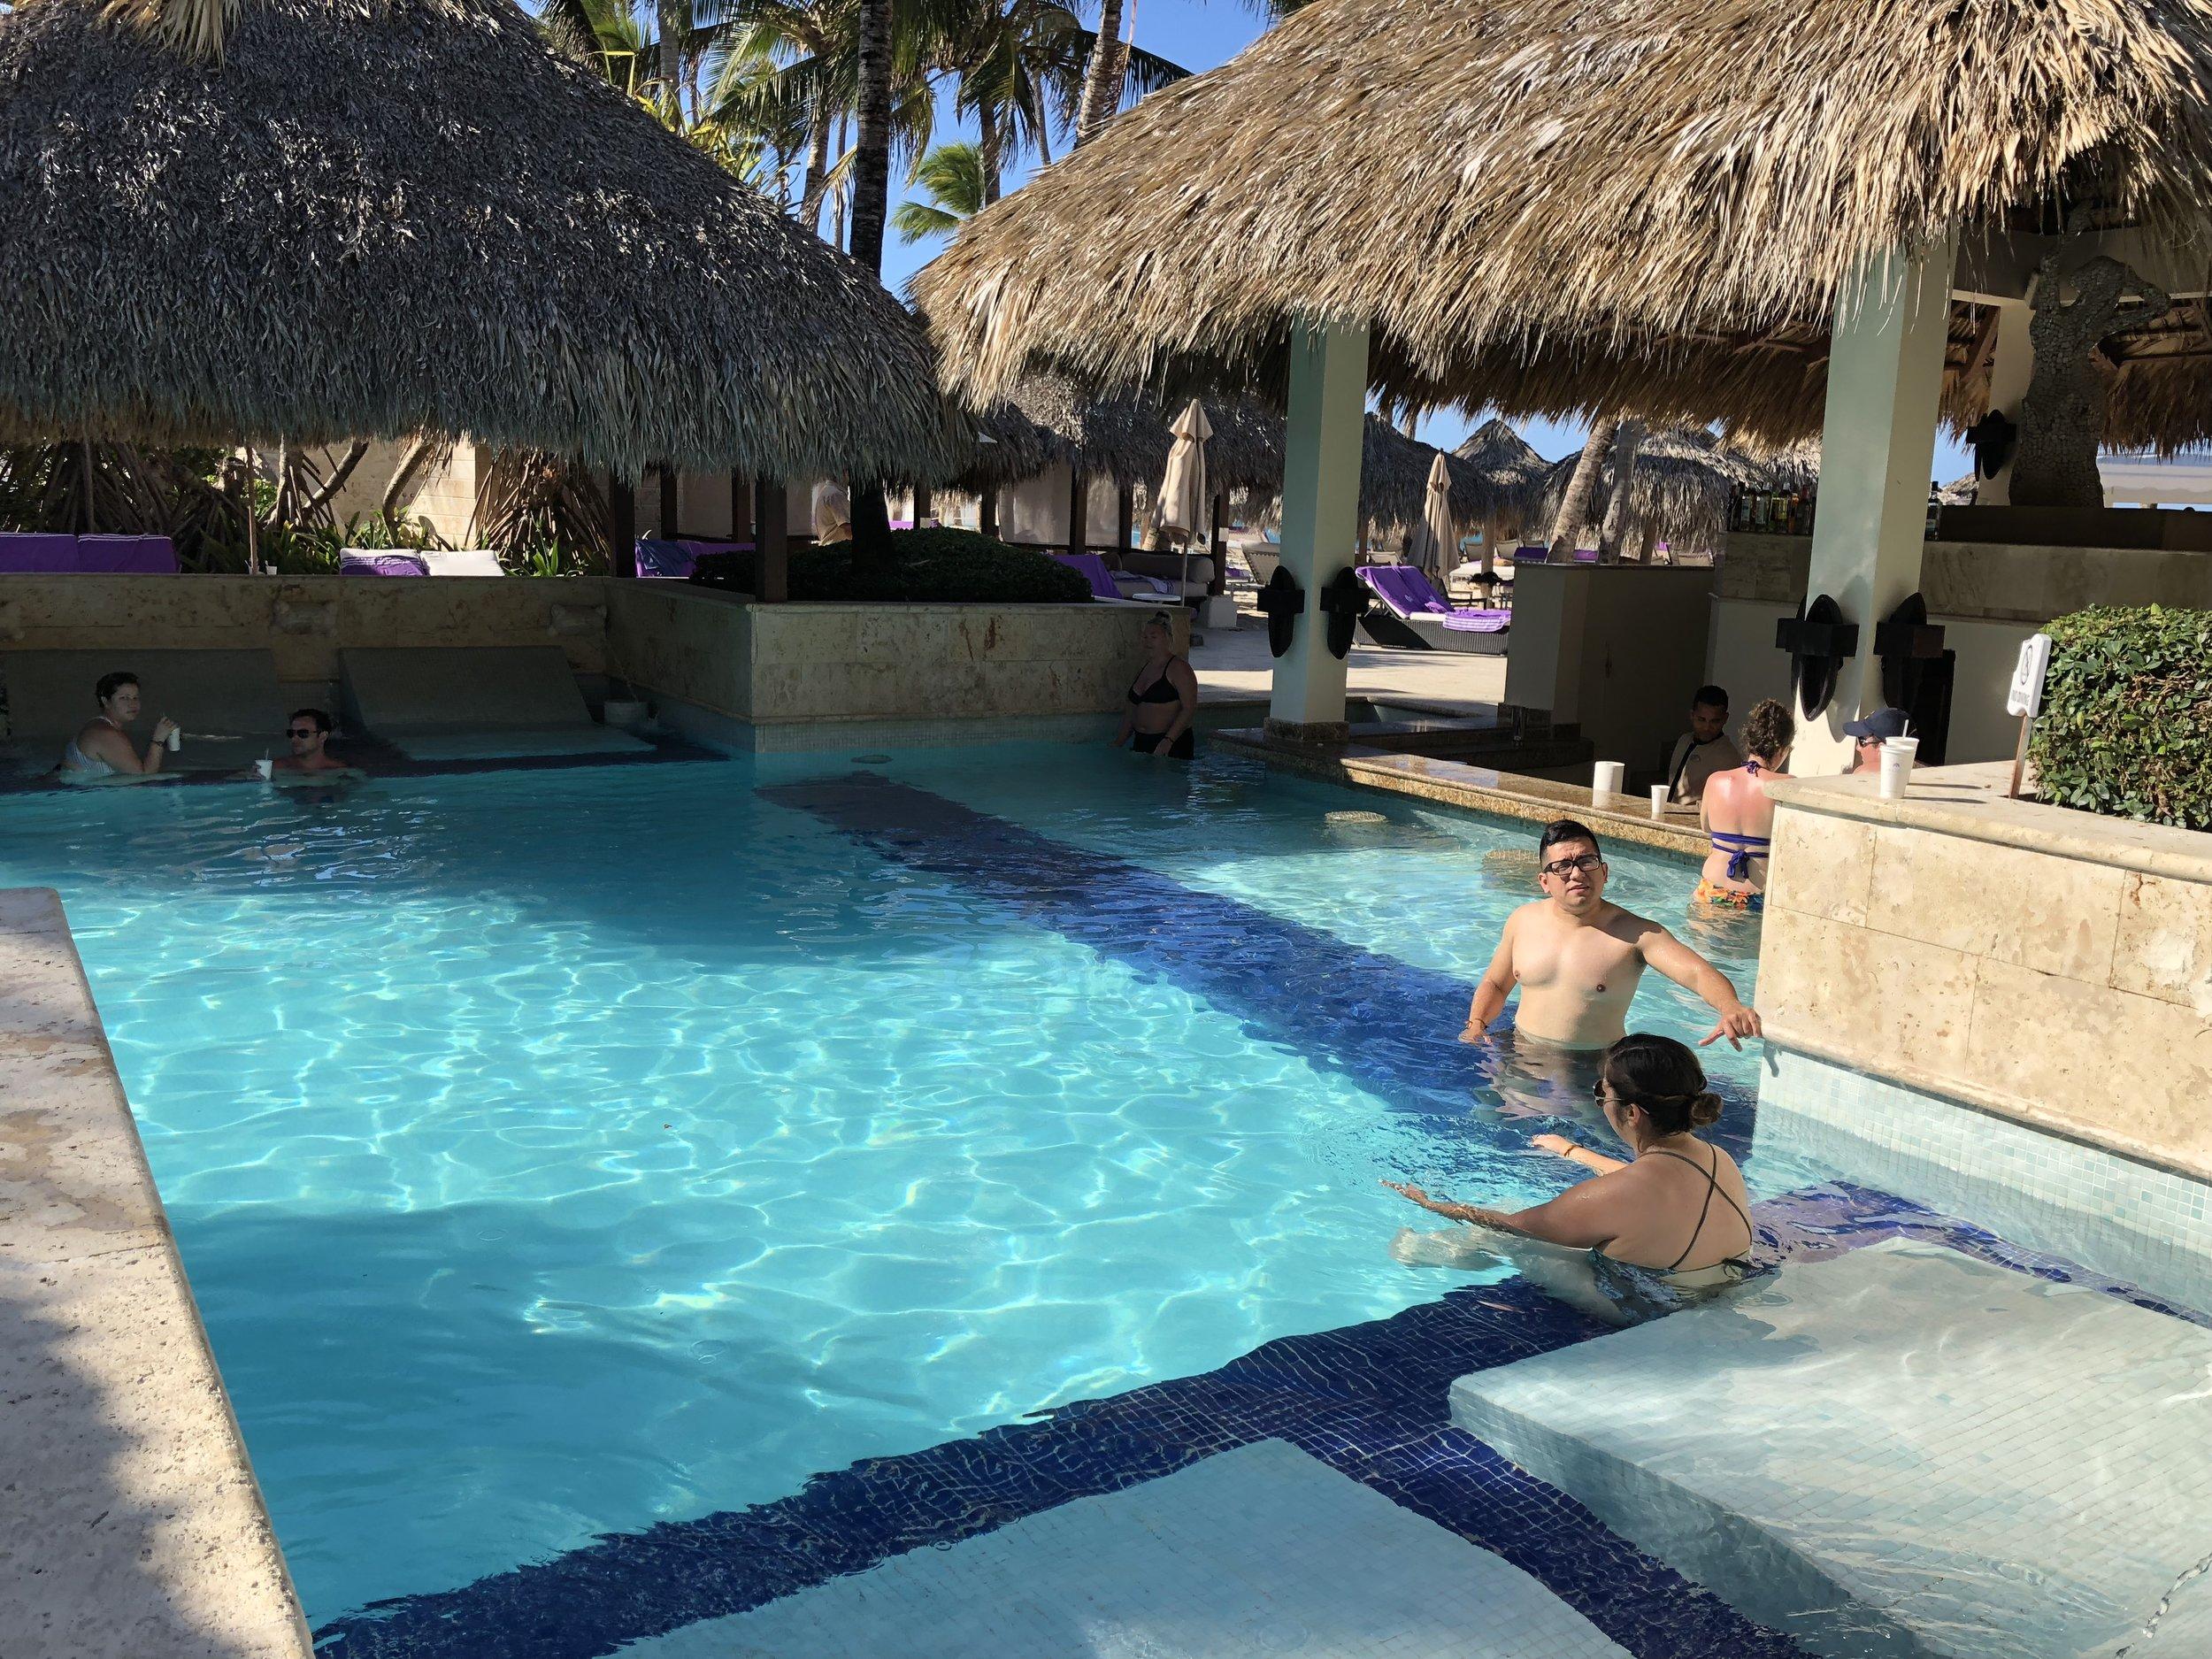 Main pool and bar.